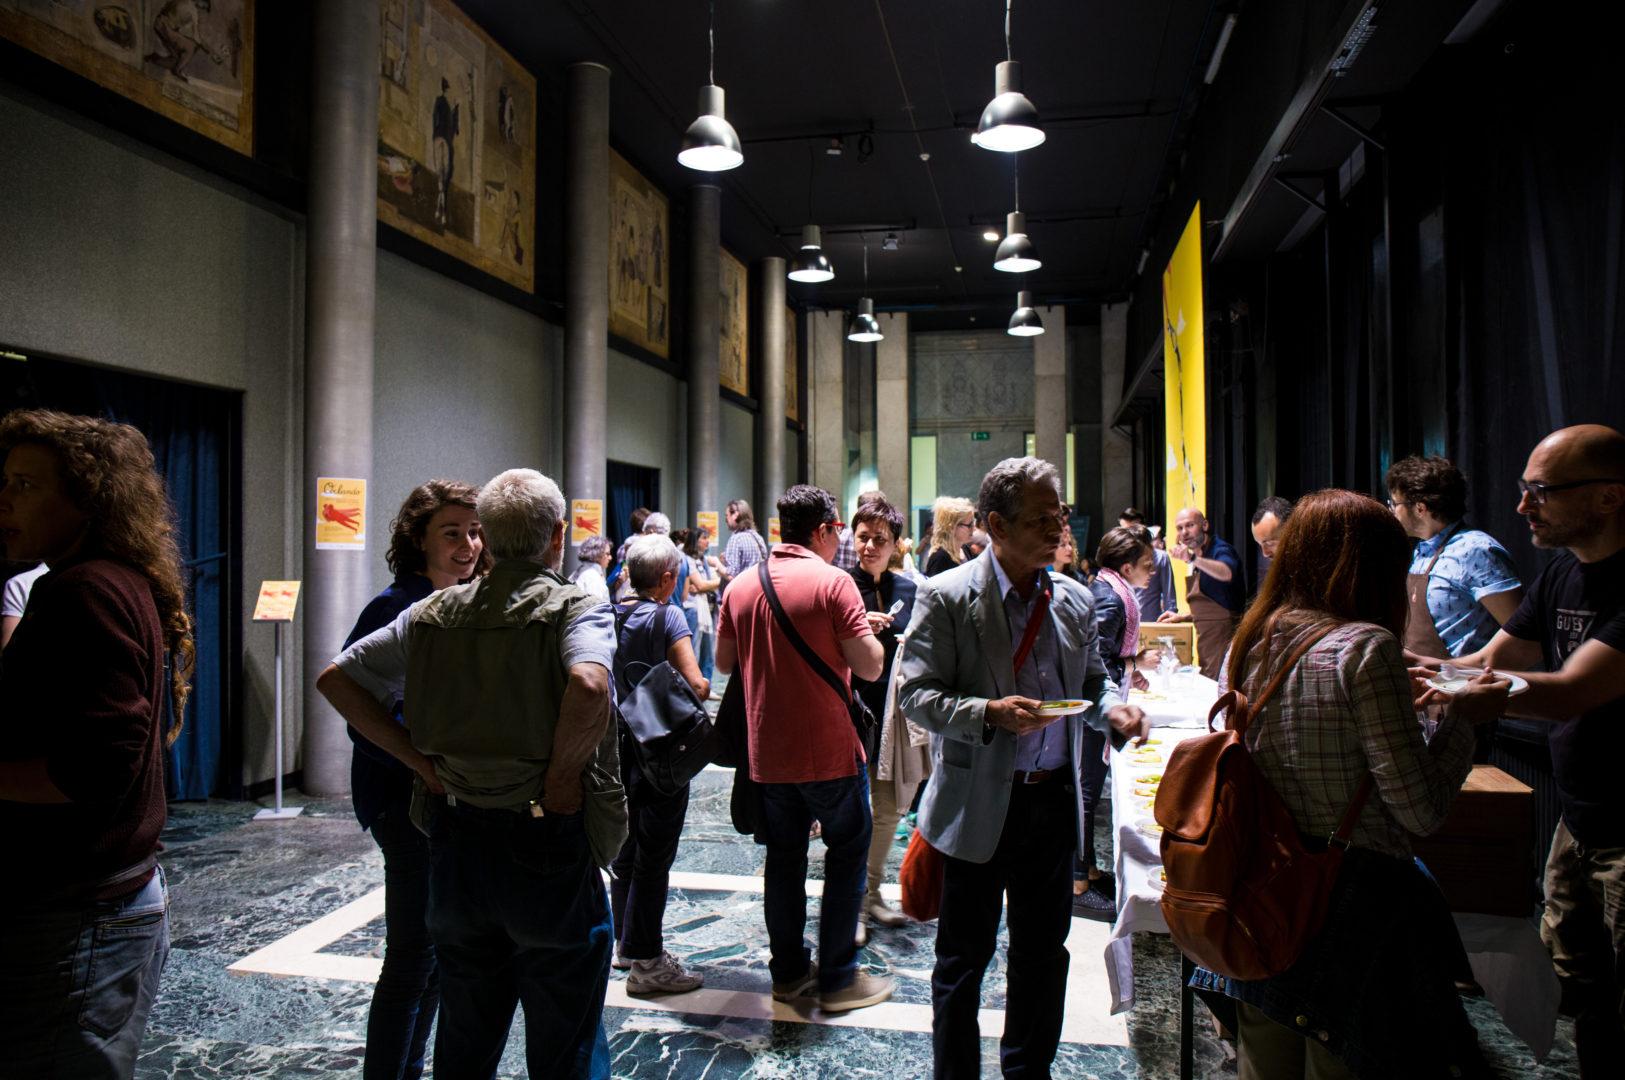 Il foyer è uno dei momenti più importanti, poiché motivo di incontro e di scambio.